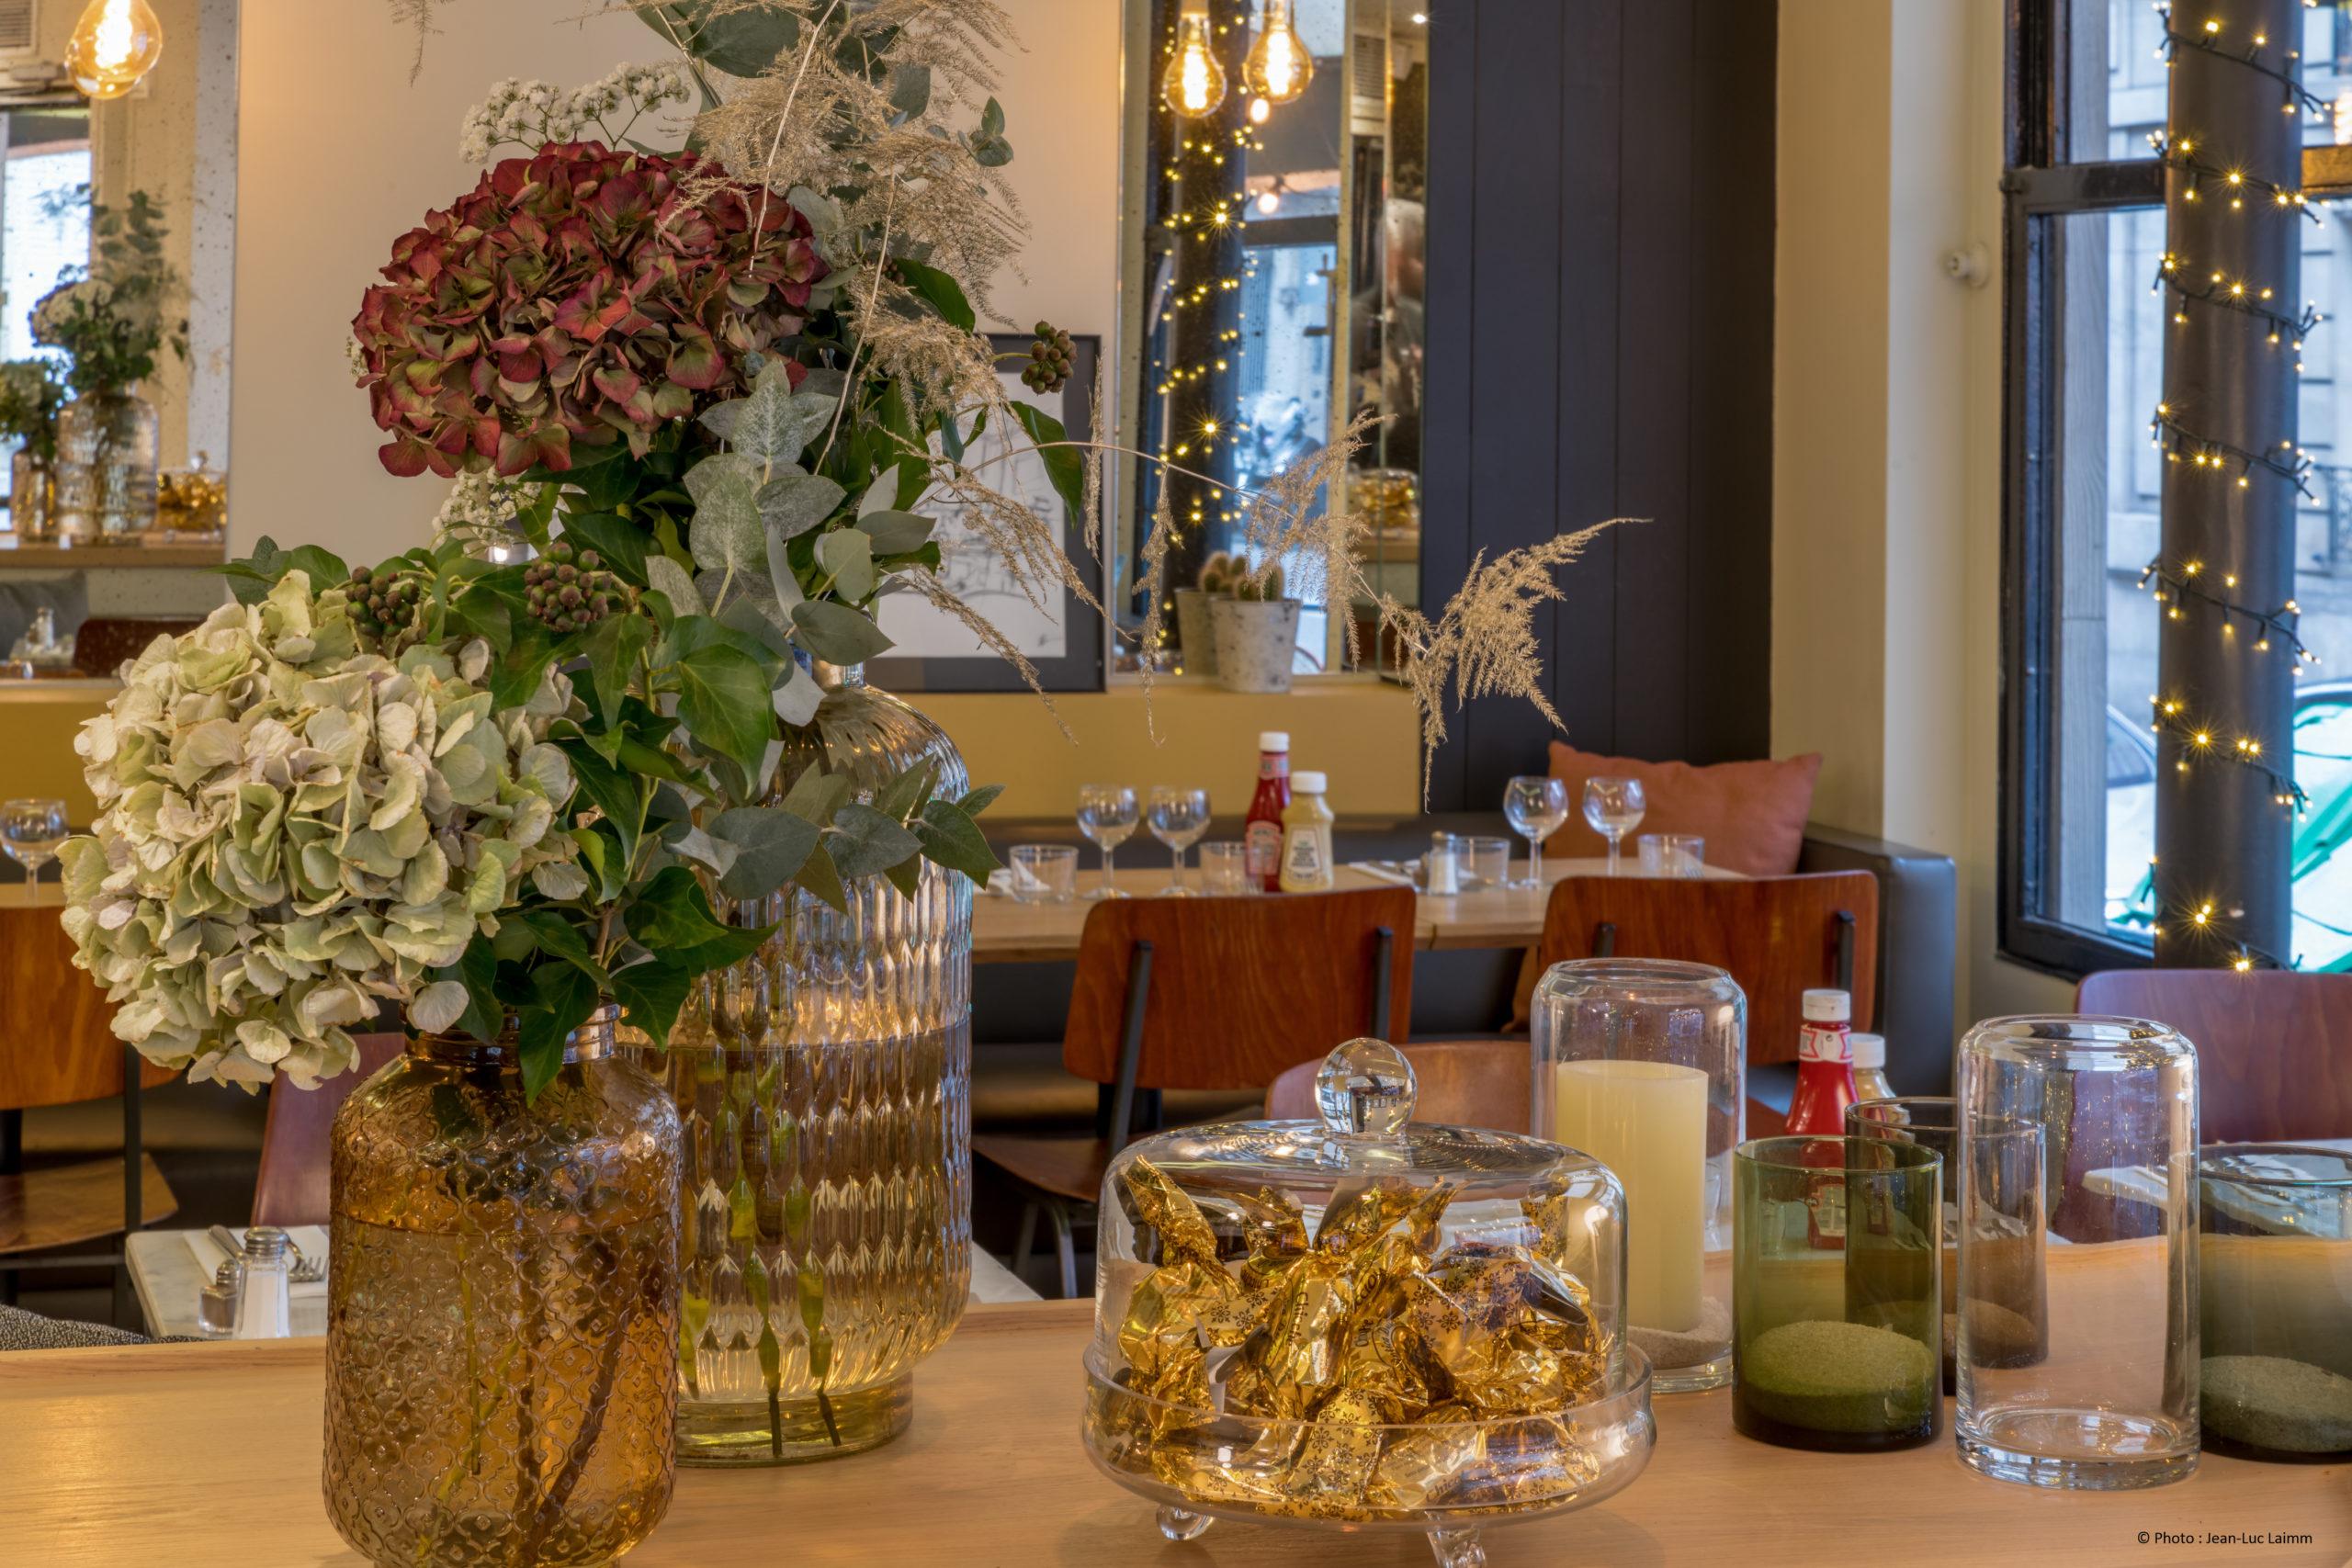 Le CK - Restaurant Paris 16 - Décoration de la salle